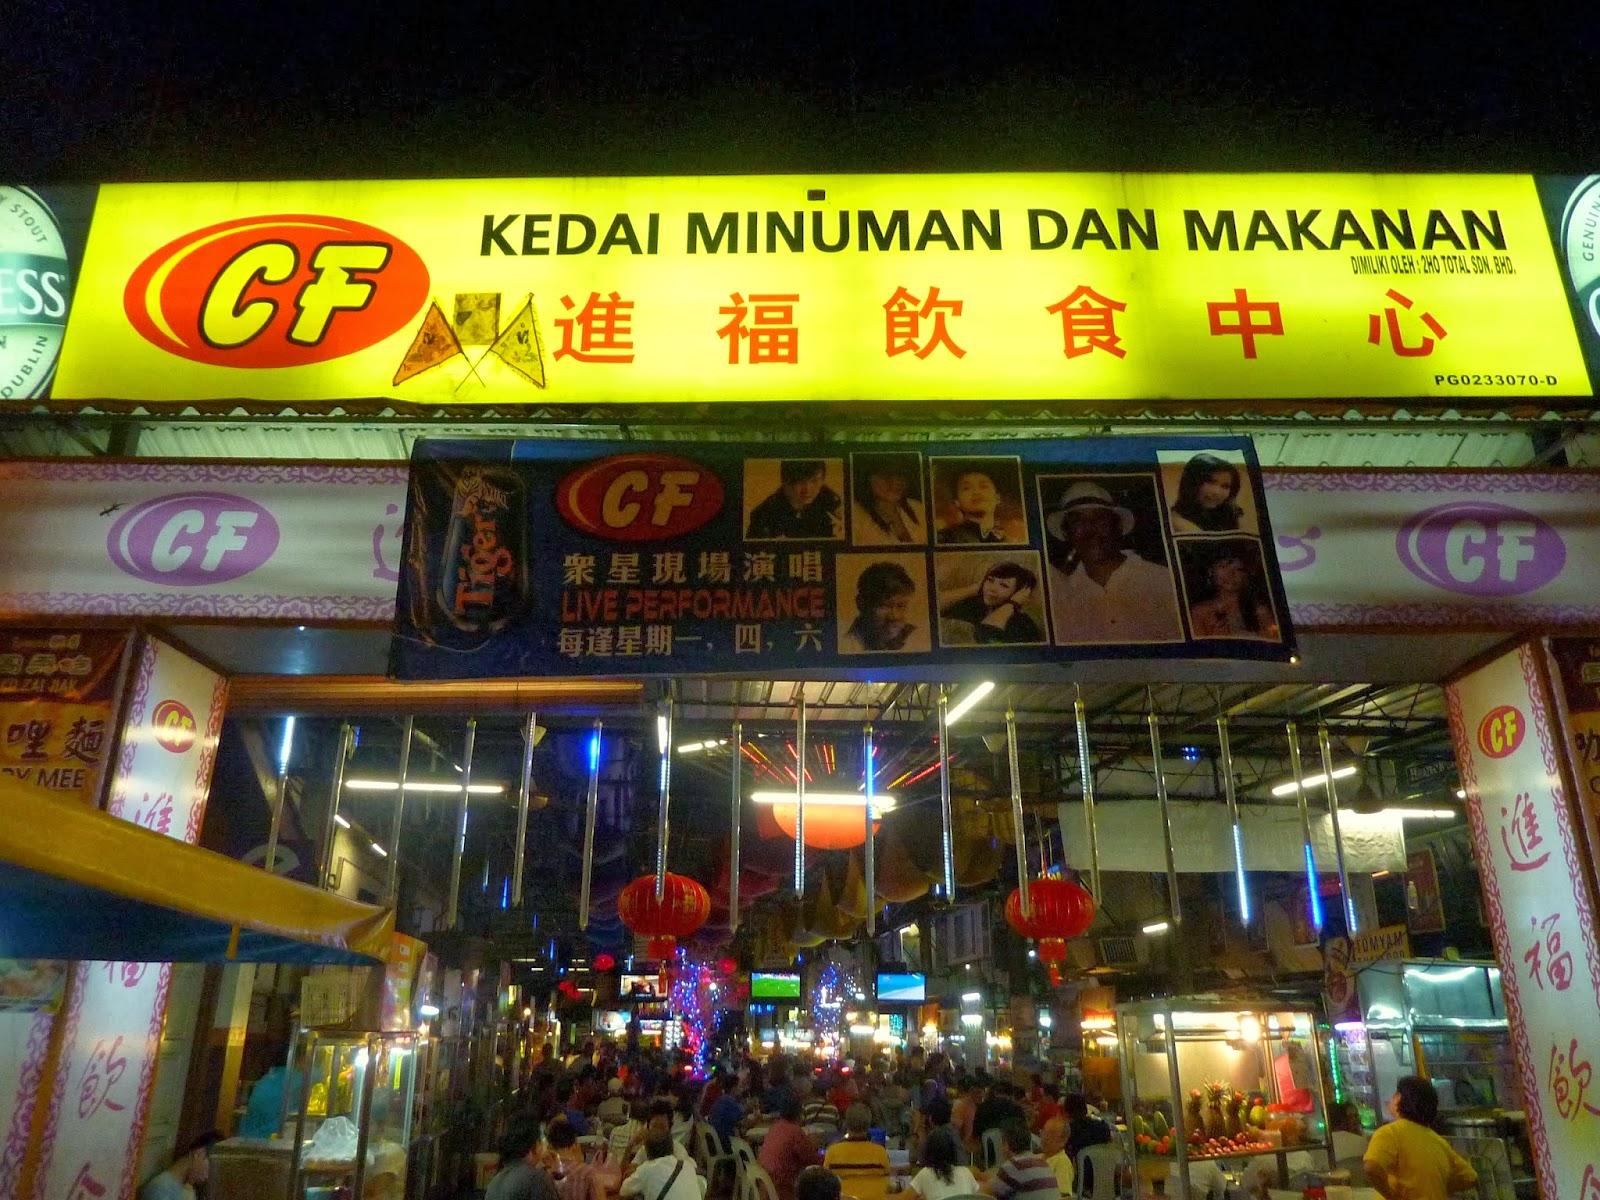 Image result for CF KEDAI MAKANAN DAN MINUMAN